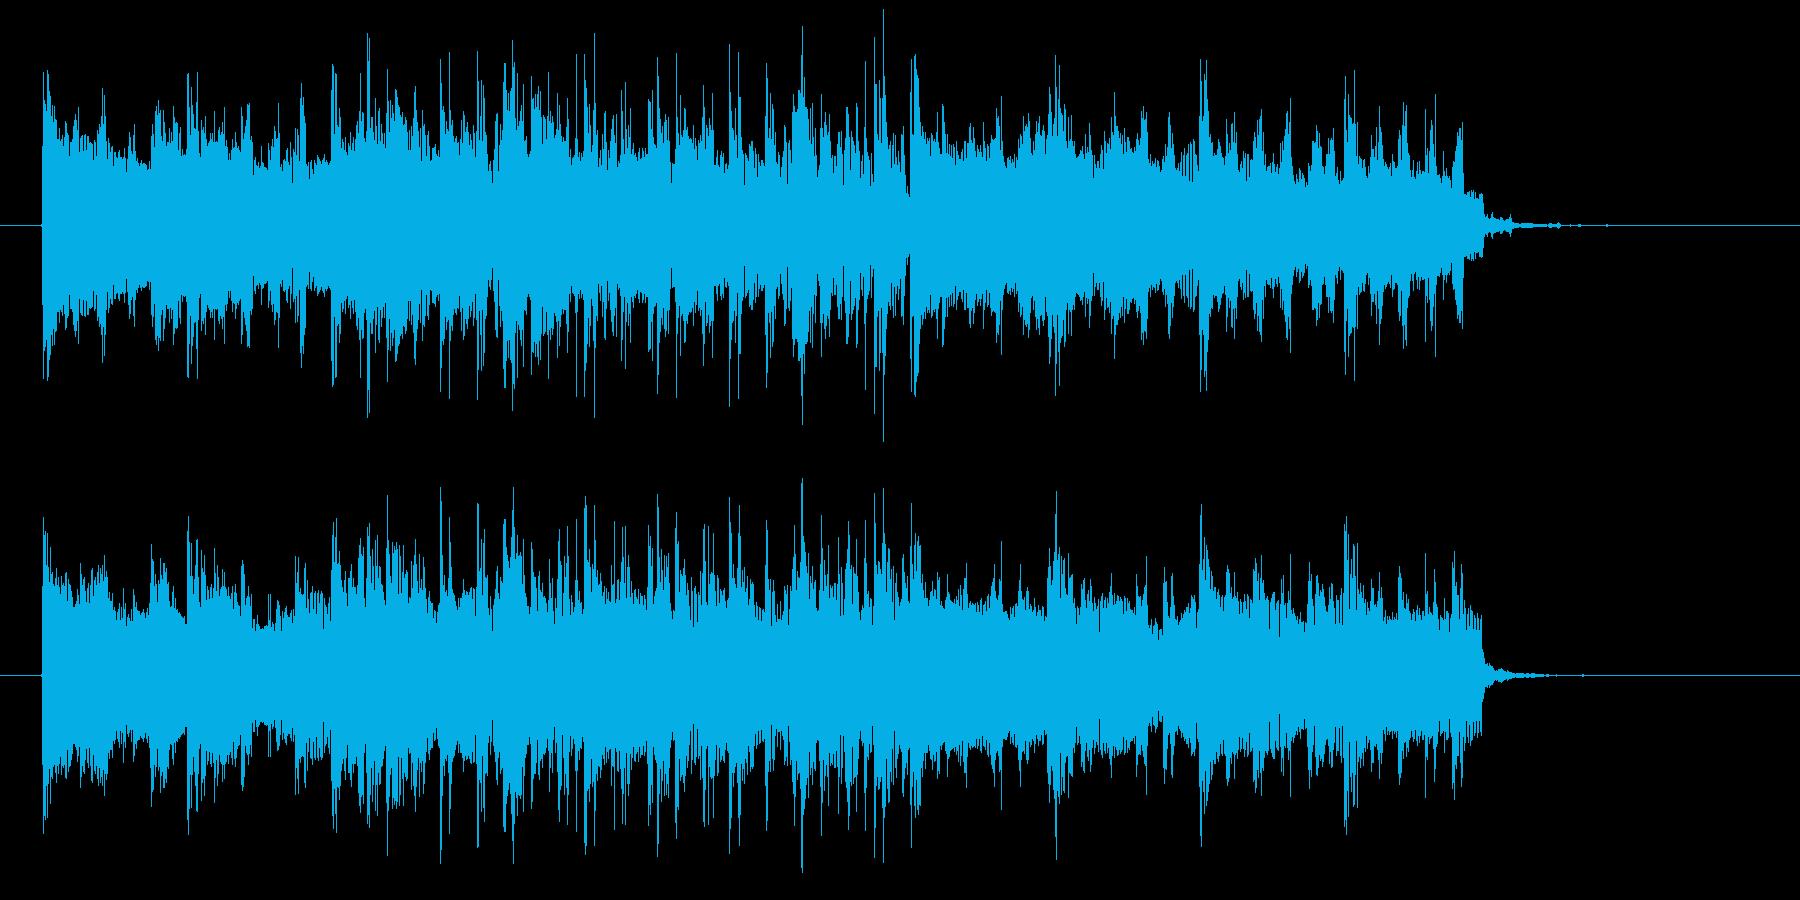 活力があるショートミュージックの再生済みの波形